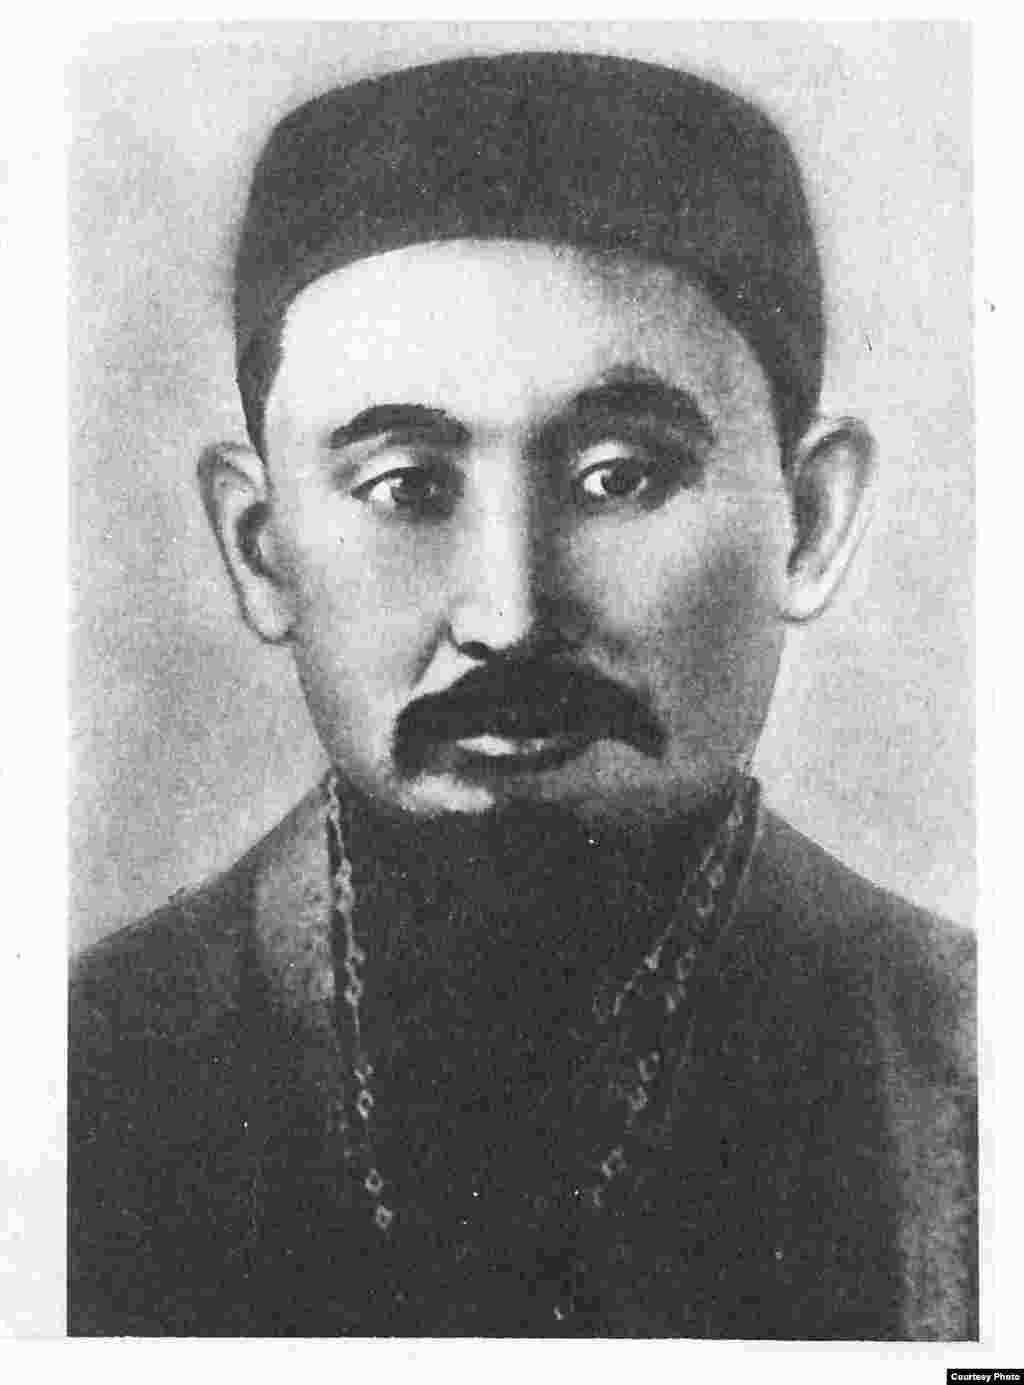 """Ғұмар Қарашұлы, 20-ғасыр басындағы танымал дін қайраткері, ақын. """"Қазақ"""" газеті авторларының бірі, әрі Алаш қозғалысы мен Алашорда автономиясының белсендісі."""